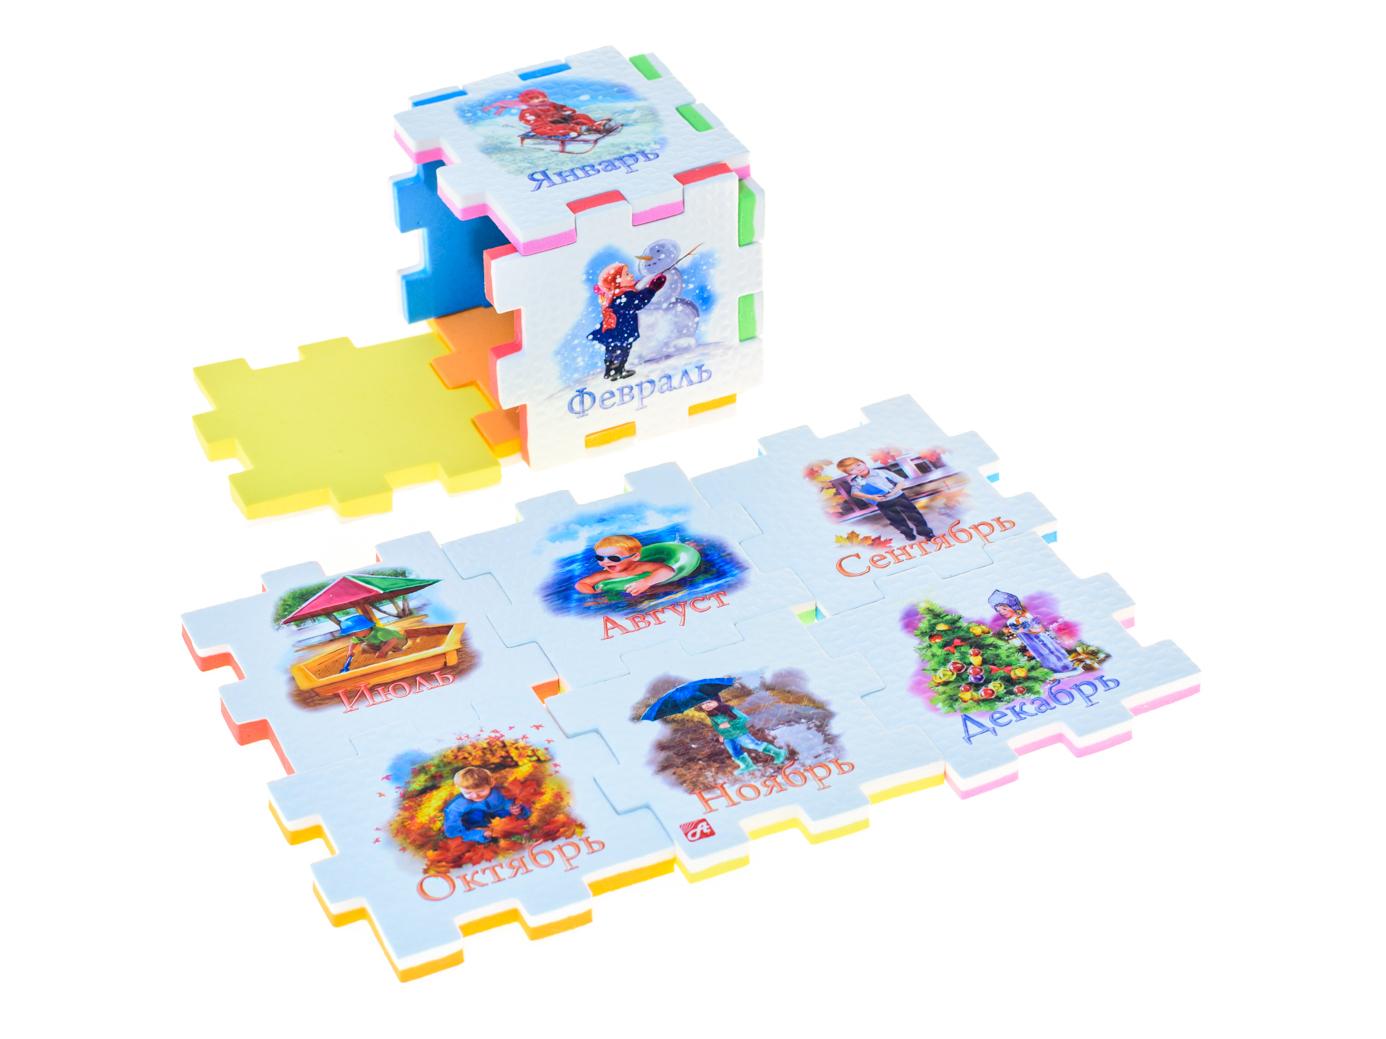 Нескучный кубик Пазл для малышей 12 месяцев282353Развивающее пособие-игрушка призвано в легкой игровой форме помочь ребенку познакомиться с окружающим миром, изучить цвета, формы, развить логическое и ассоциативное мышление. Из деталей кубика можно конструировать не только кубик из 6 элементов! Попробуйте собрать форму побольше — из 10-12 деталей, либо кубик из 24 деталей, у которого каждая сторона будет состоять из 4-х картинок-элементов. Либо вы можете сложить с ребенком необычный коврик из деталей кубика. Позвольте ребенку поиграть самому — он сможет сконструировать разные формы и фигуры, которые подскажет ему его воображение. С детьми постарше можно заниматься изучением иностранных языков в игровой форме.